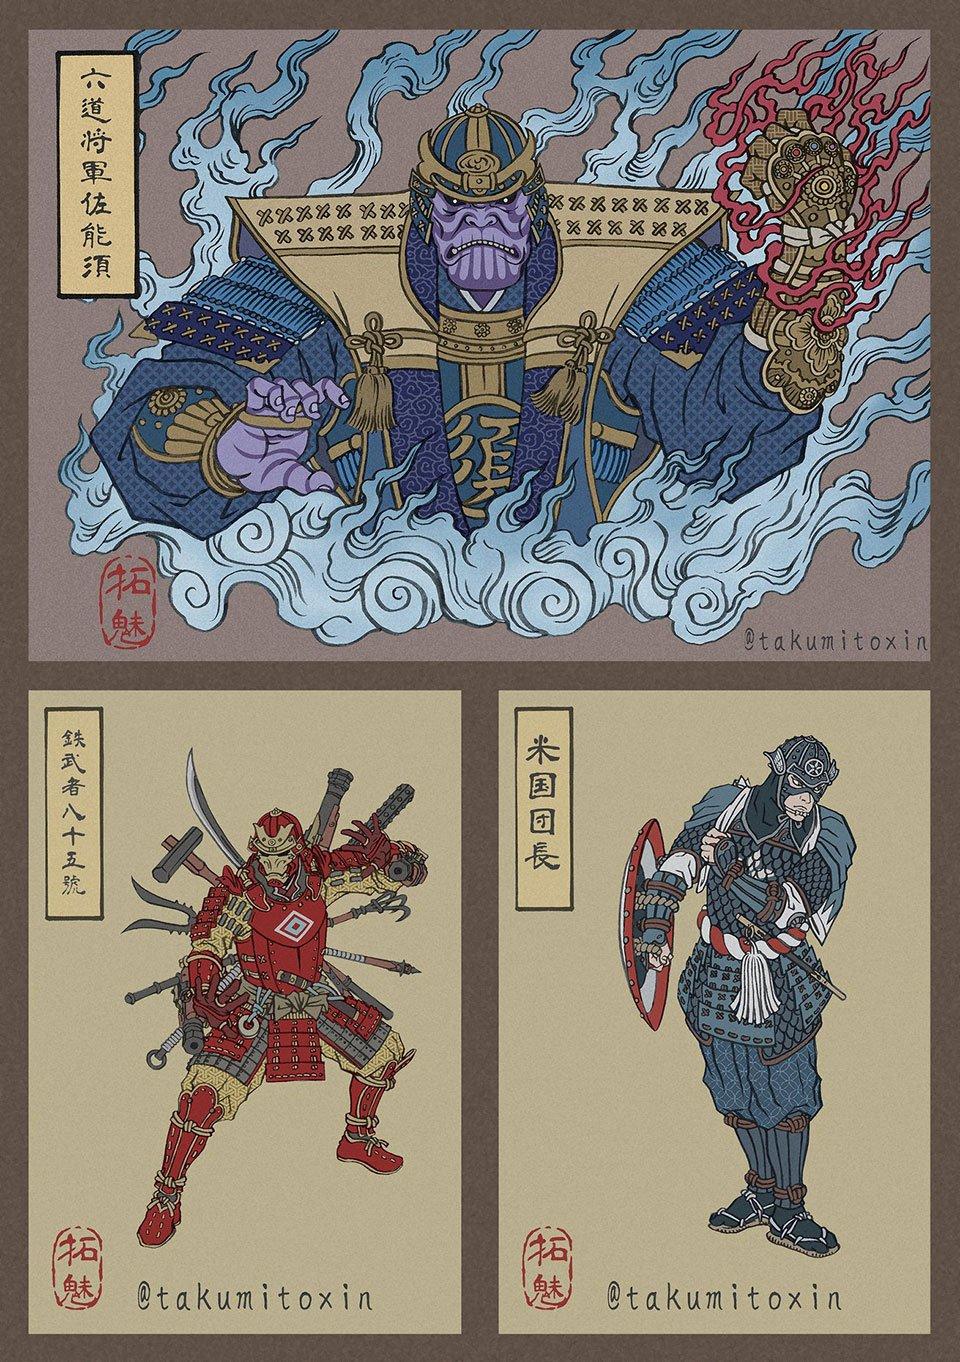 Avengers: Endgame Ukiyo-e Fan Art